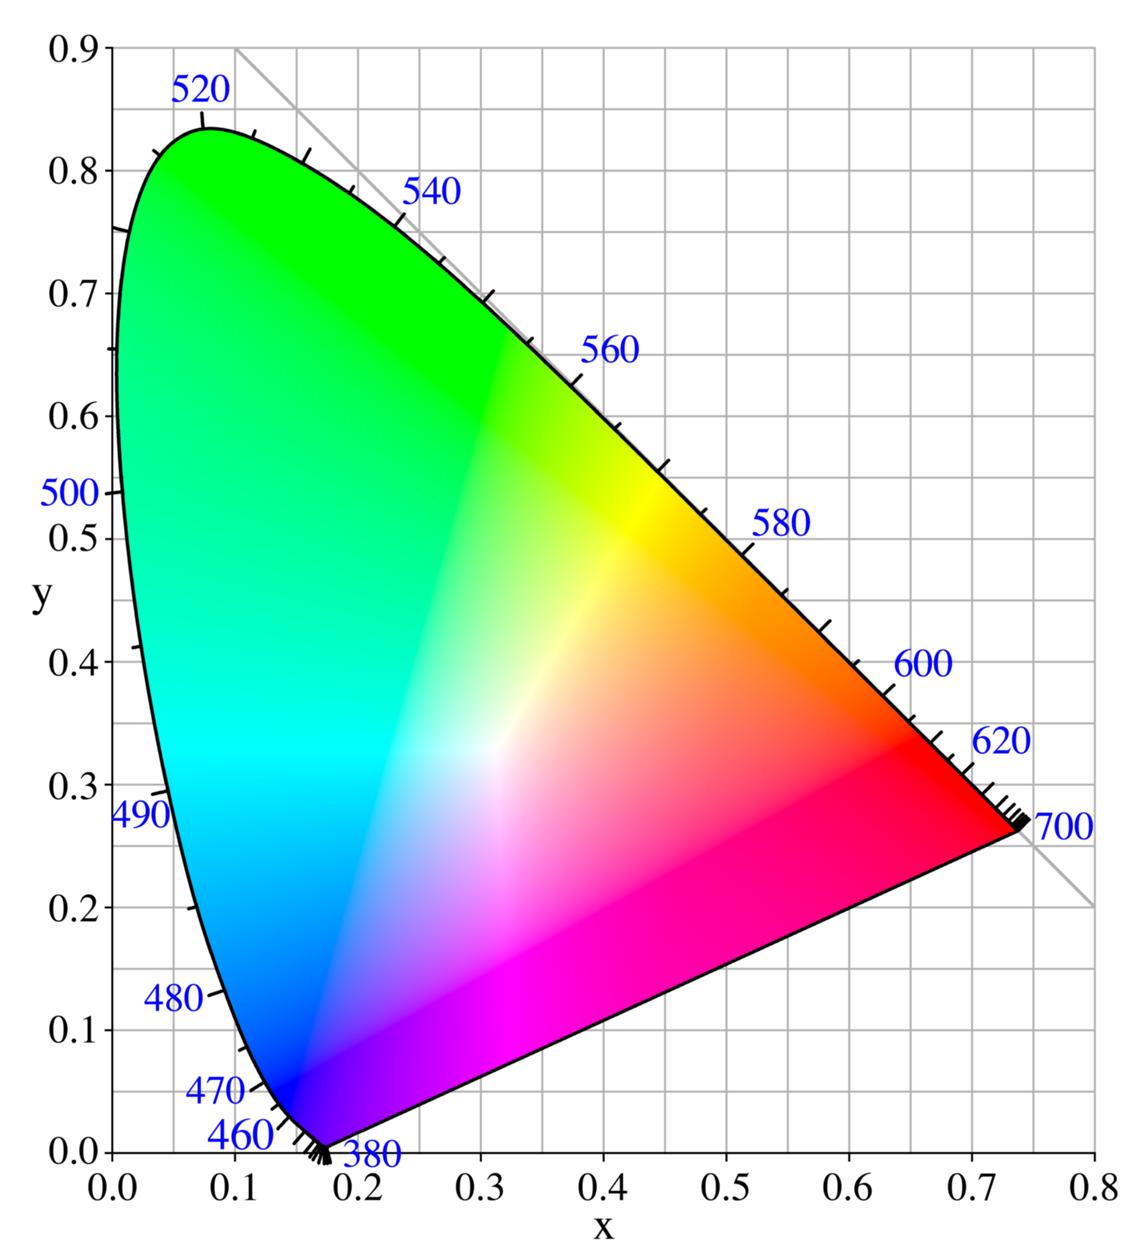 CIE 1931 color diagram